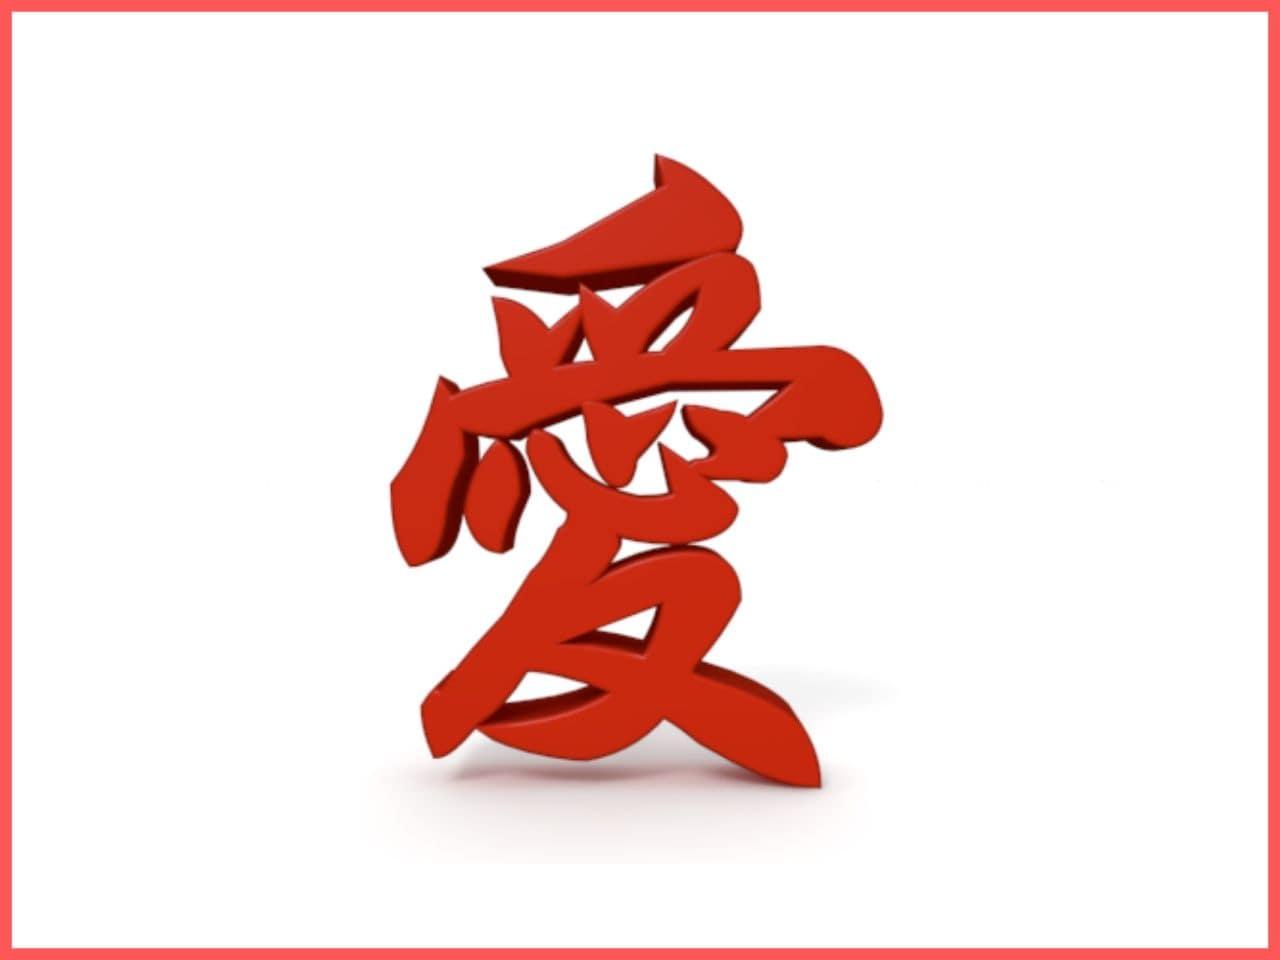 漢字で「愛」のイラスト